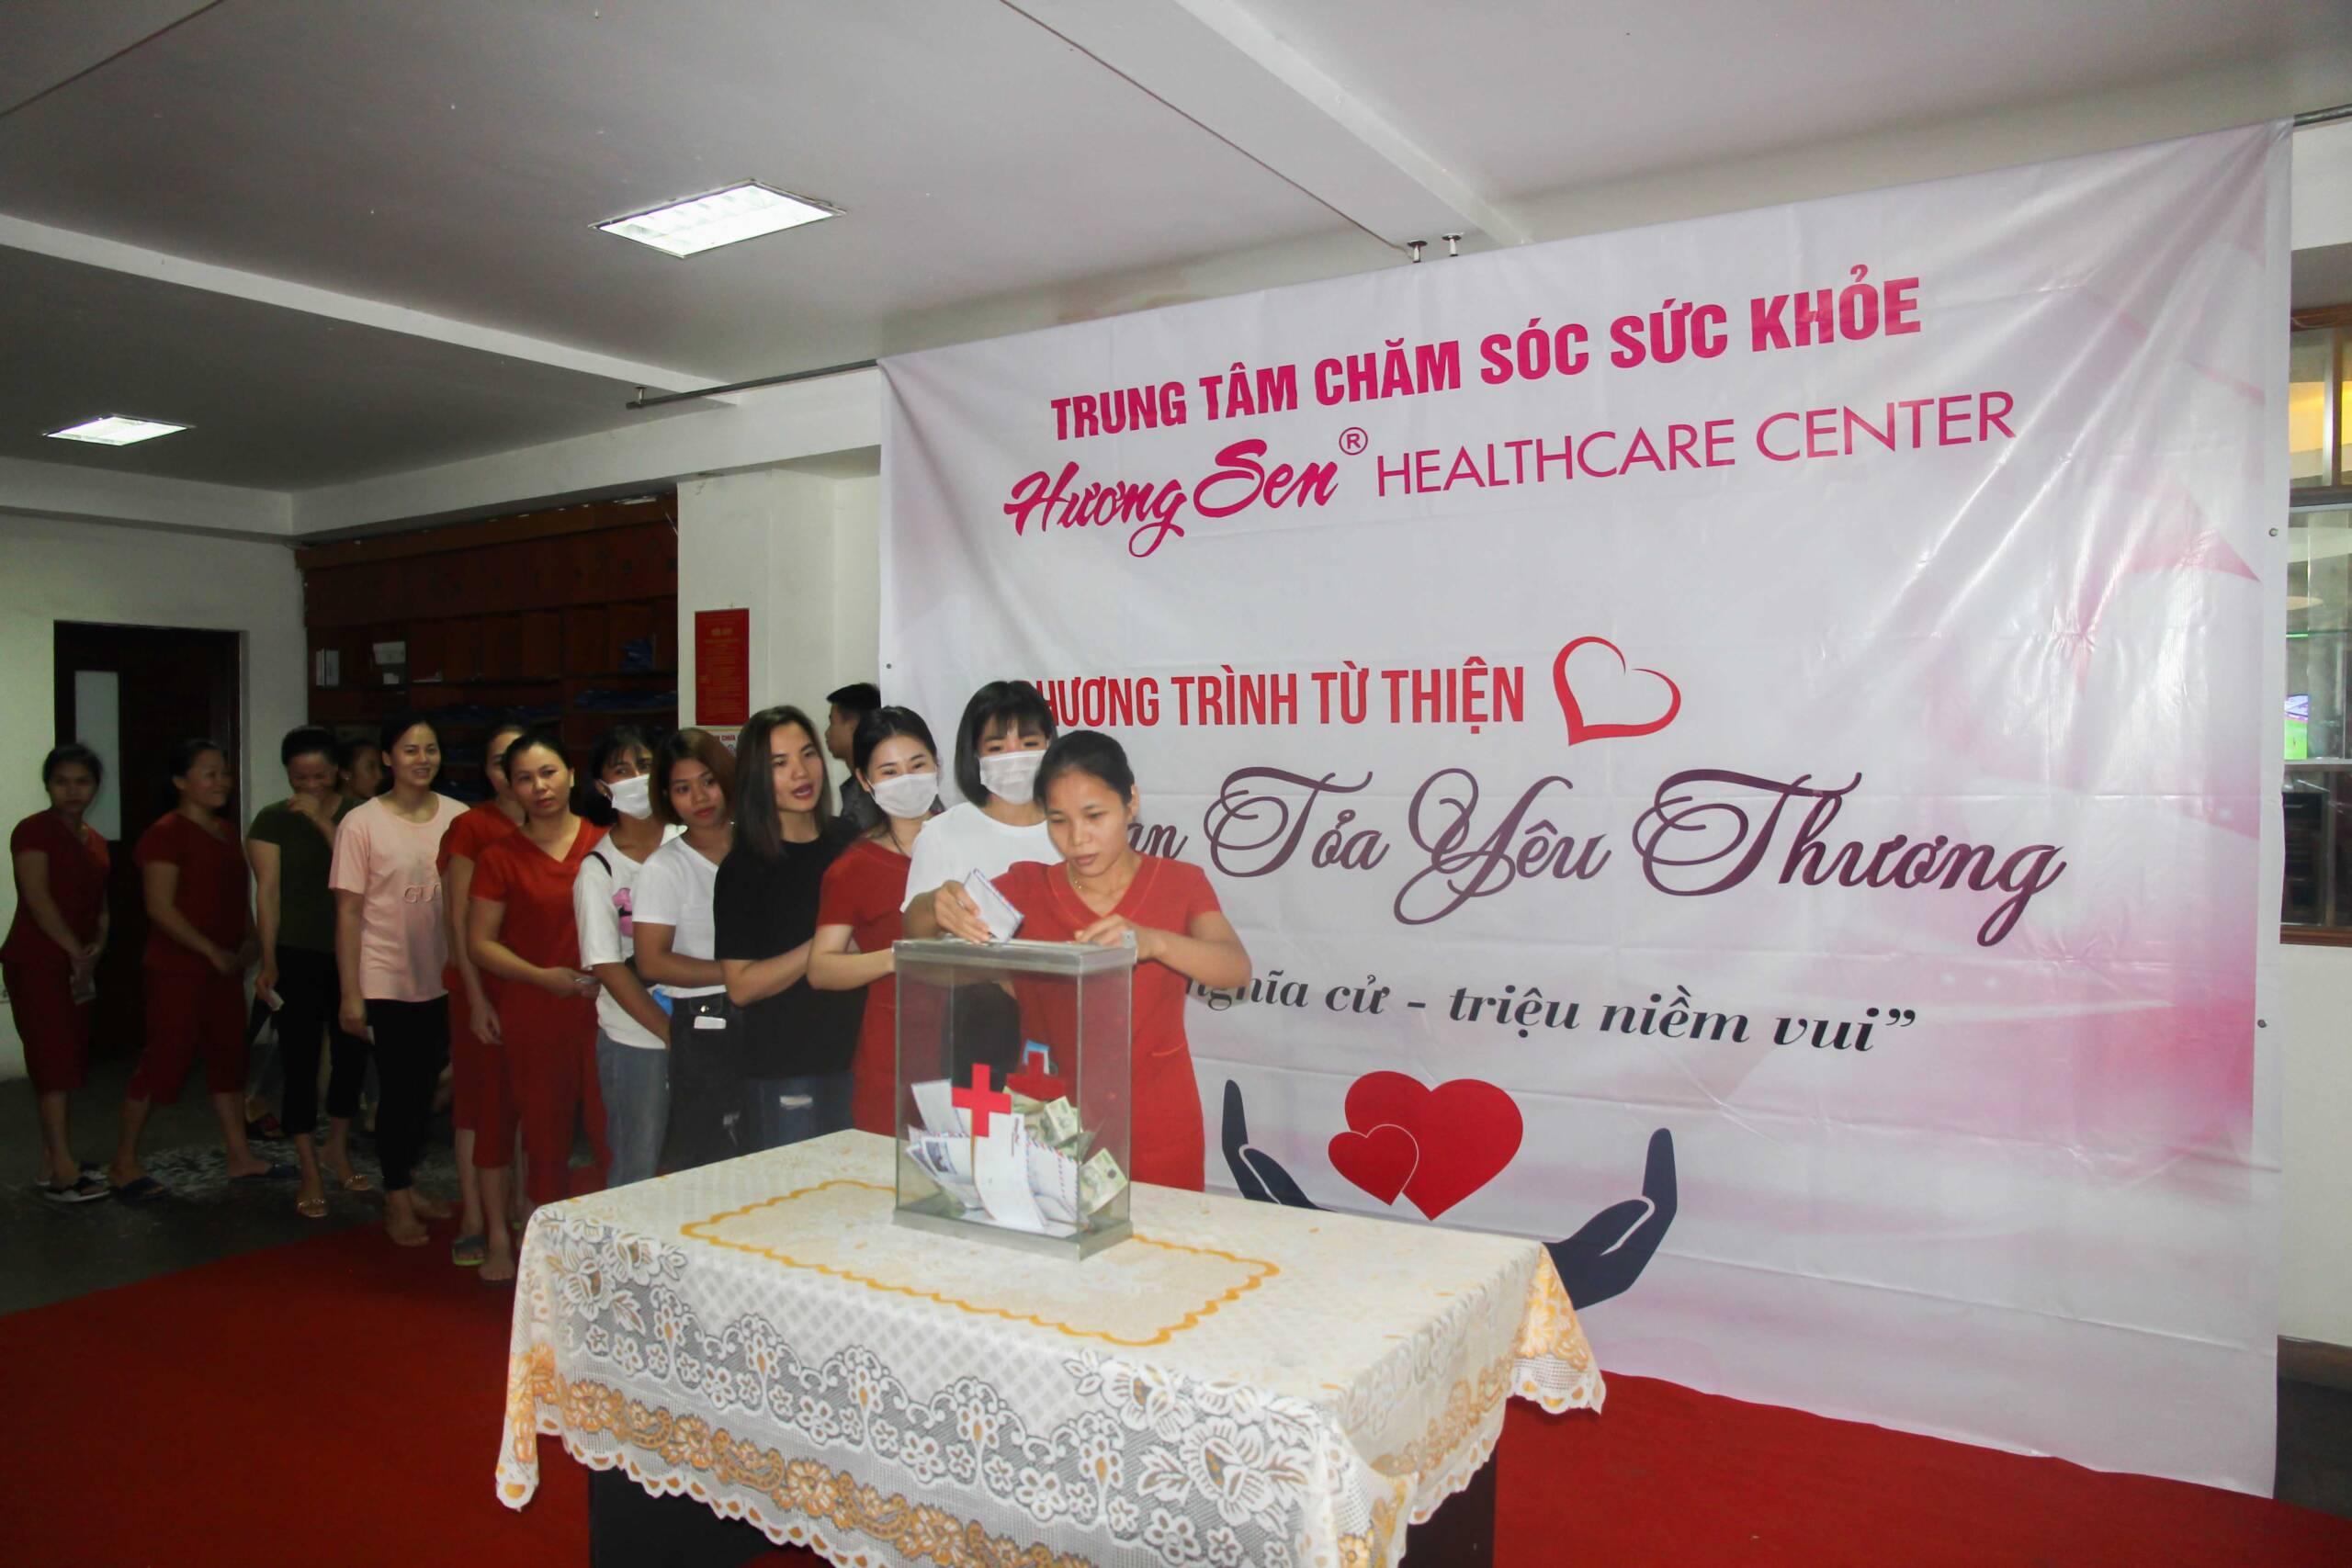 Lan Tỏa Yêu Thương – Chung tay ủng hộ CBCNV có hoàn cảnh khó khăn, hoạn nạn